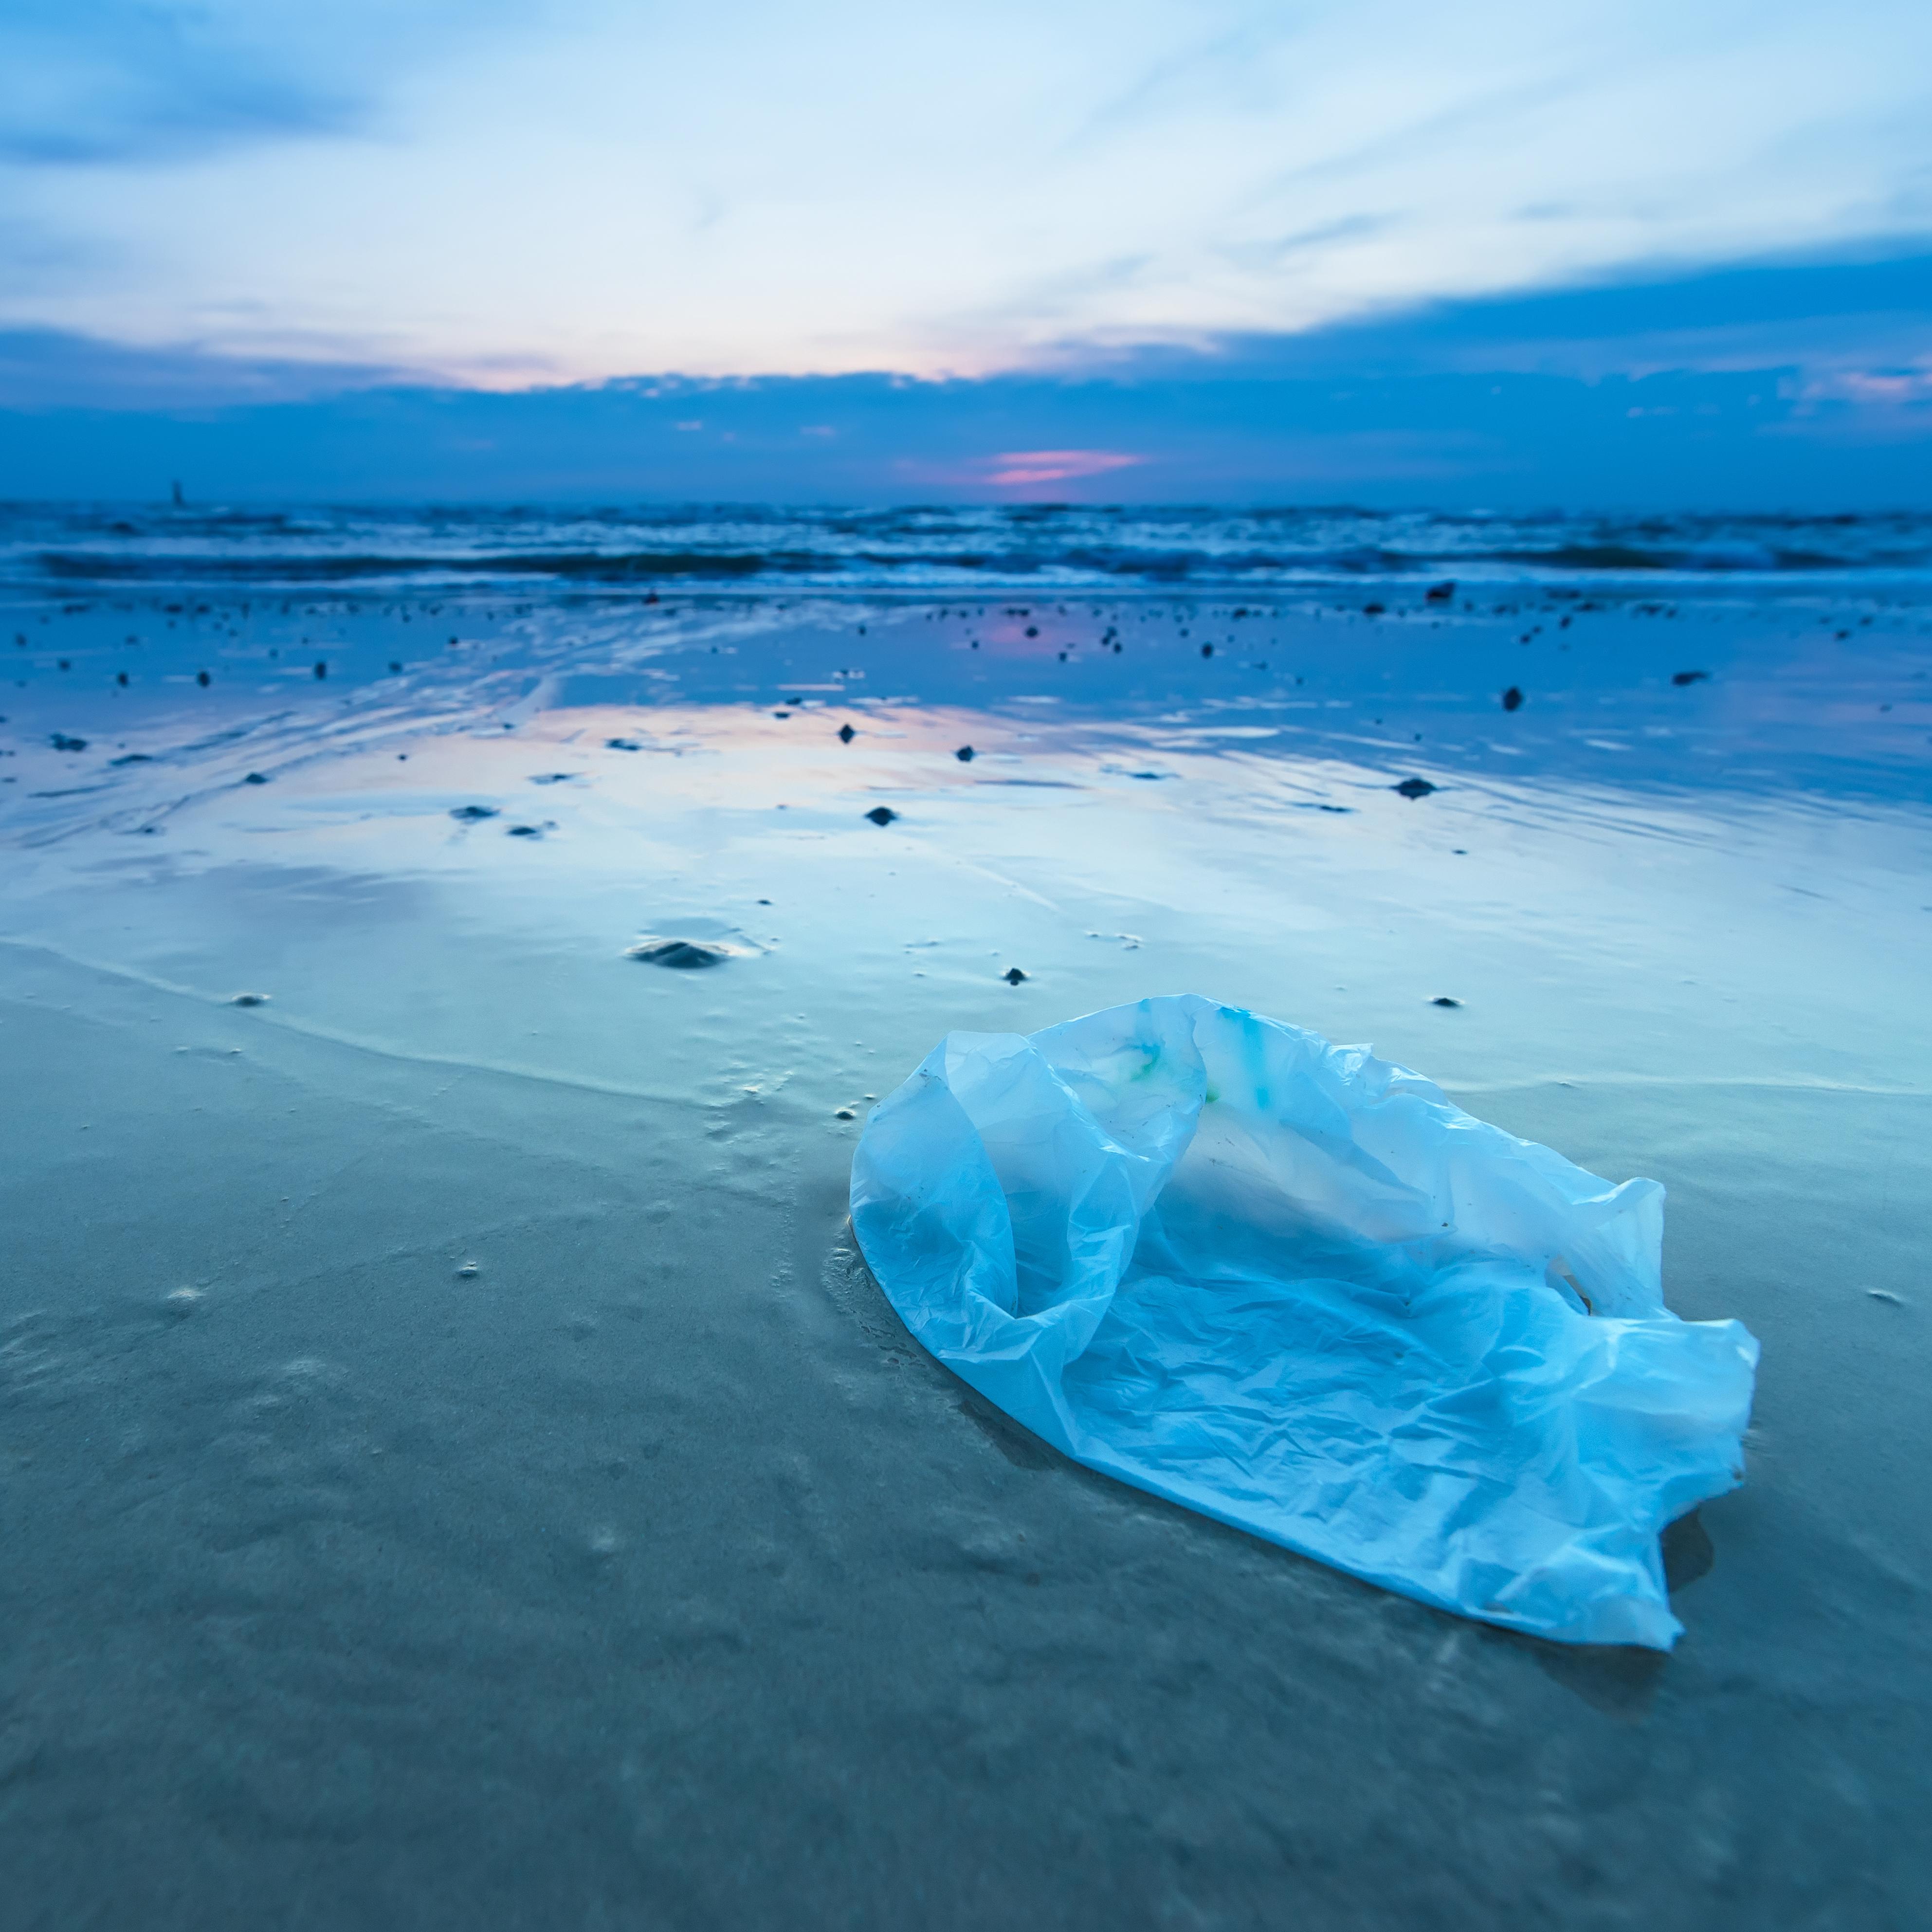 Sacchetto di plastica sulla spiaggia